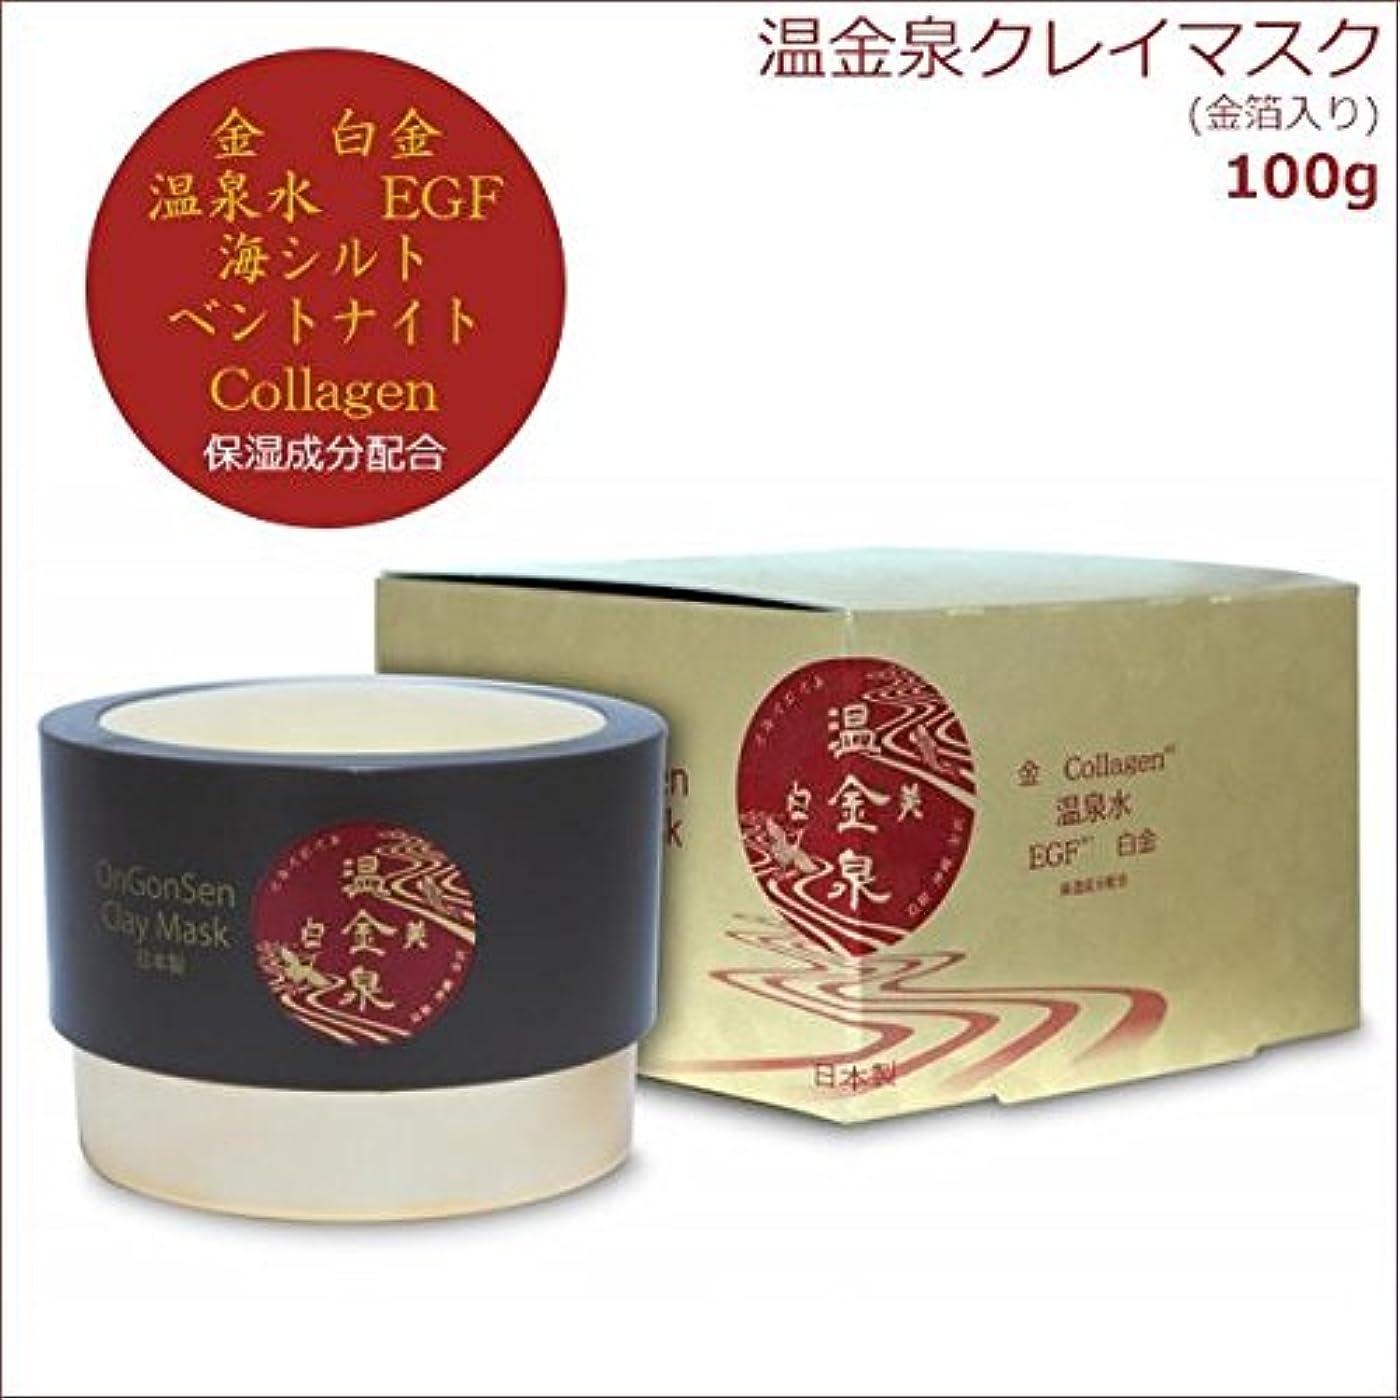 実施する聞きますも日本製 HiROSOPHY ヒロソフィー 温金泉(オンゴンセン)クレイマスク 金箔入り 100g